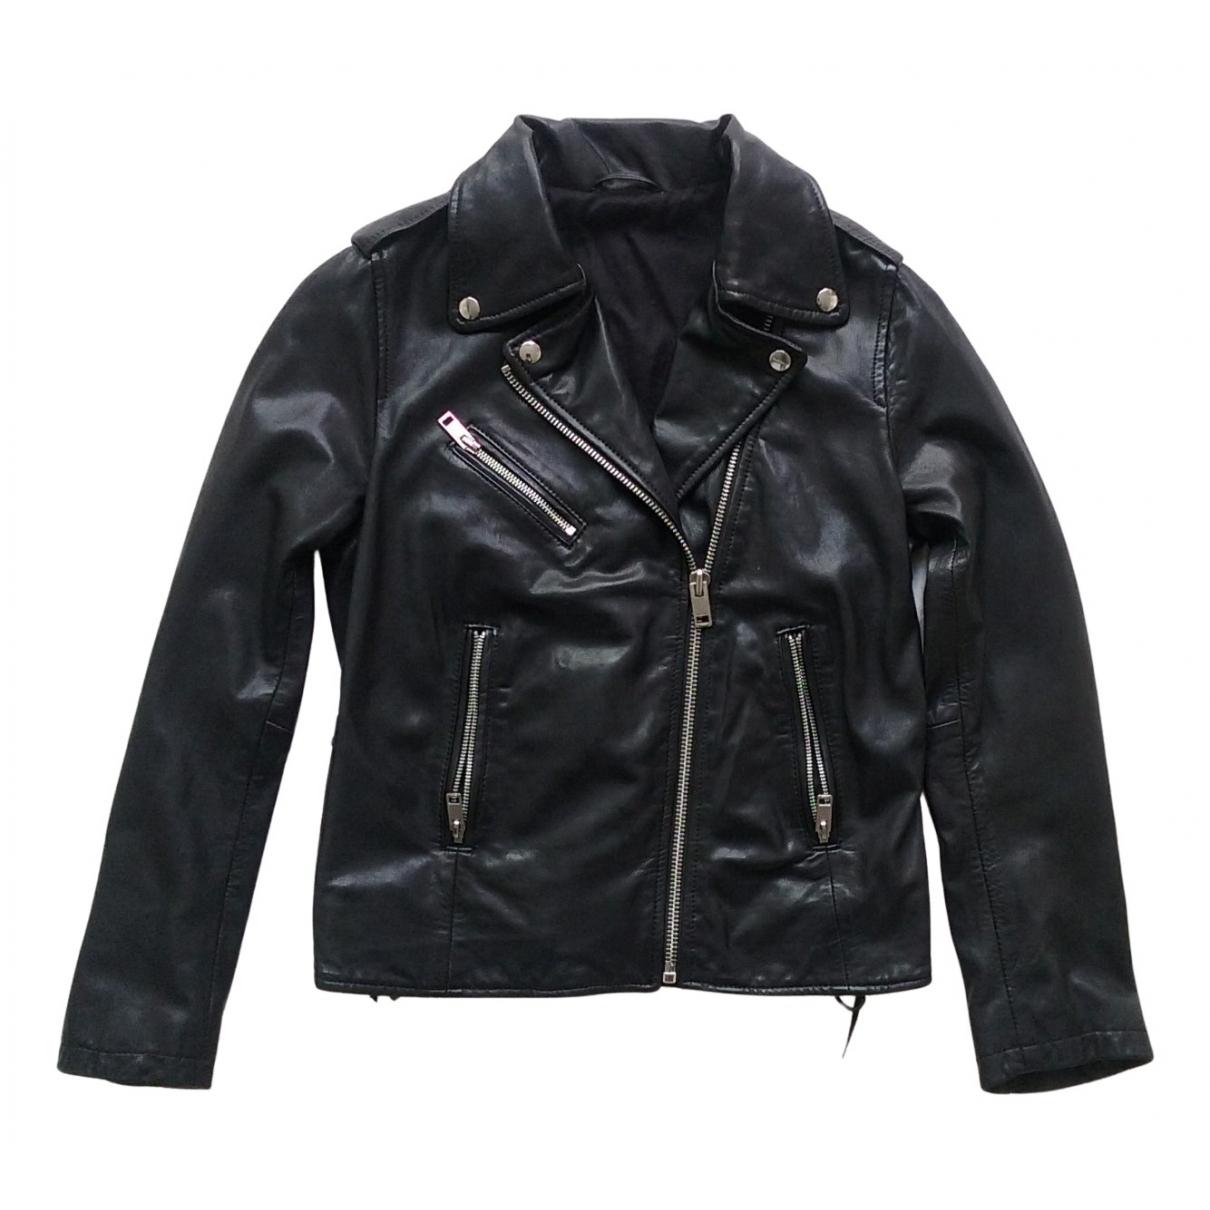 Diesel - Blouson   pour femme en cuir - noir